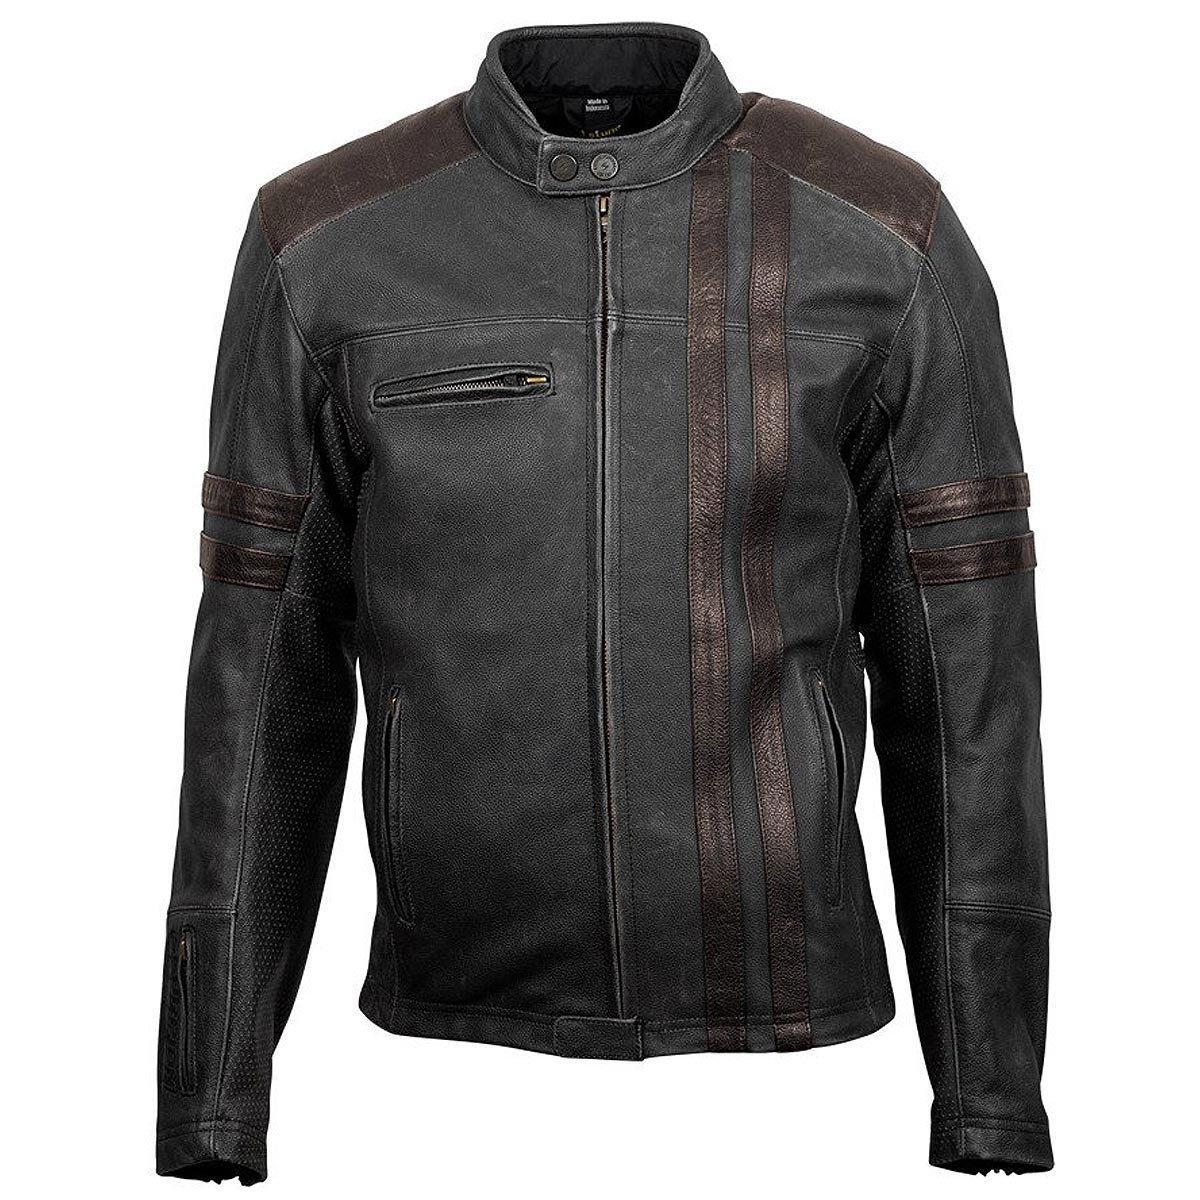 Leather jacket for motorcycle riding - Amazon Com Scorpionexo 1909 Men S Leather Motorcycle Jacket Brown Large Automotive